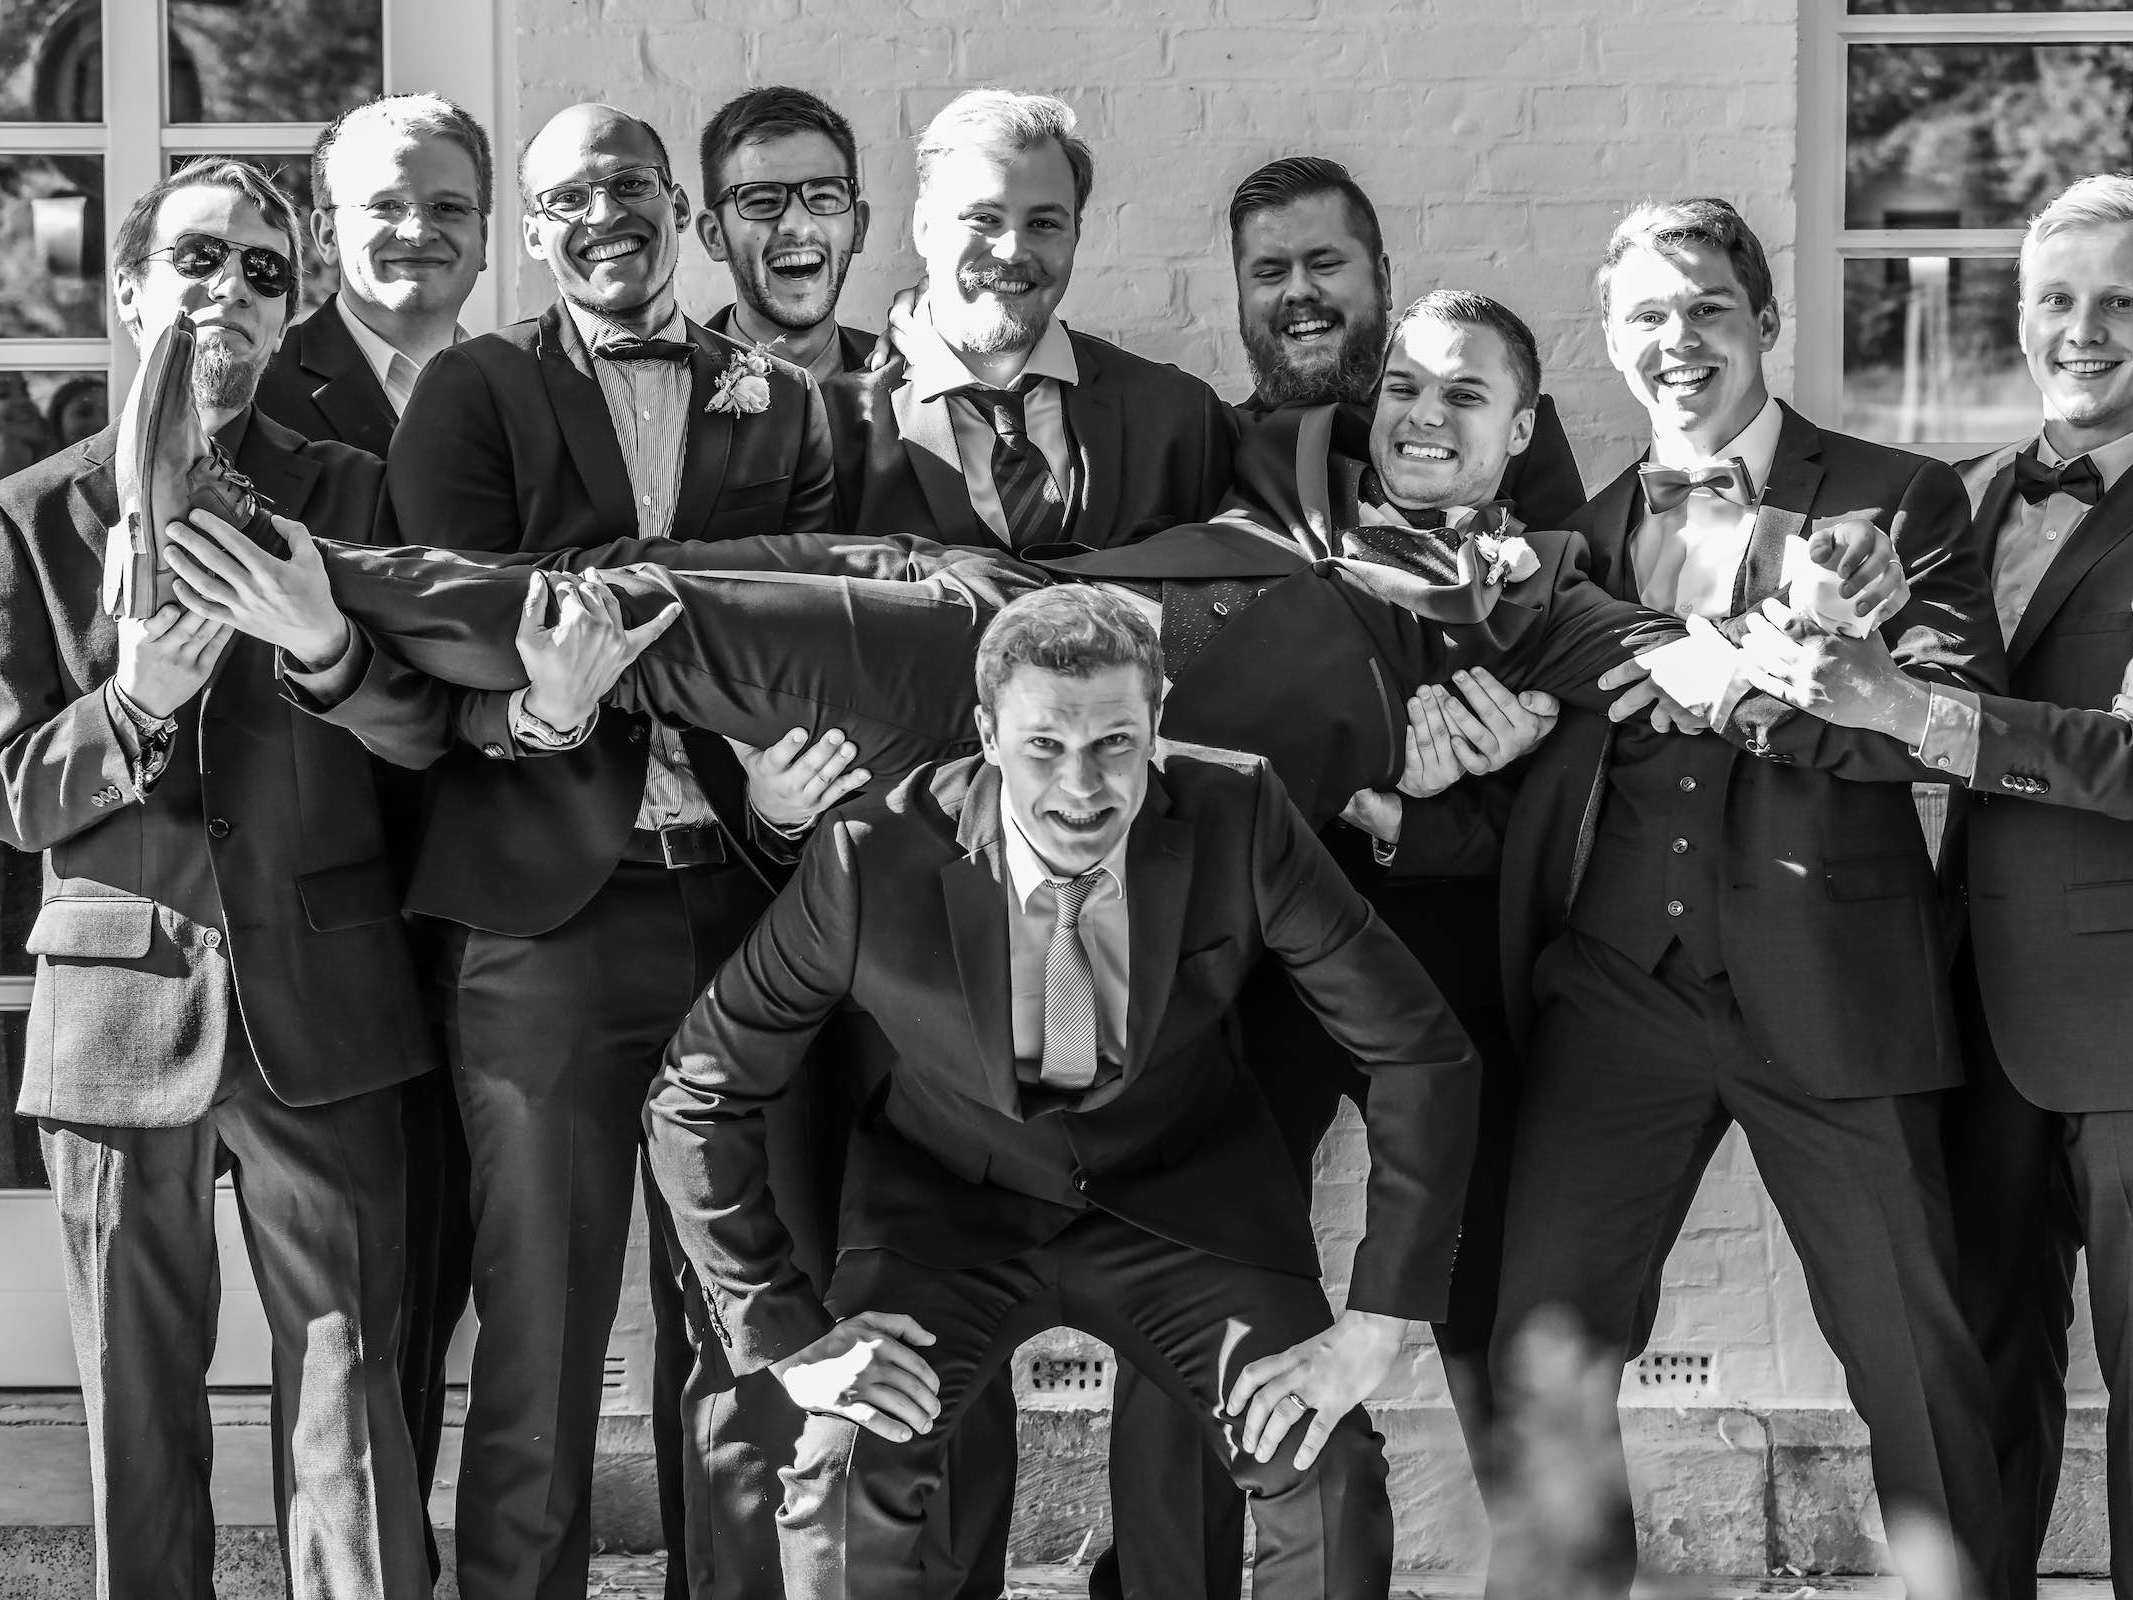 Fotograf | Hochzeit | Braunschweig | Hameln | Celle | Hannover | Peine | Fotograf | Hochzeit | Marc | Cherestal | Hochzeitsfotografie | Hochzeitsreportage | Fotografie | Mieten | Buchen | Lehmann | Eventservice